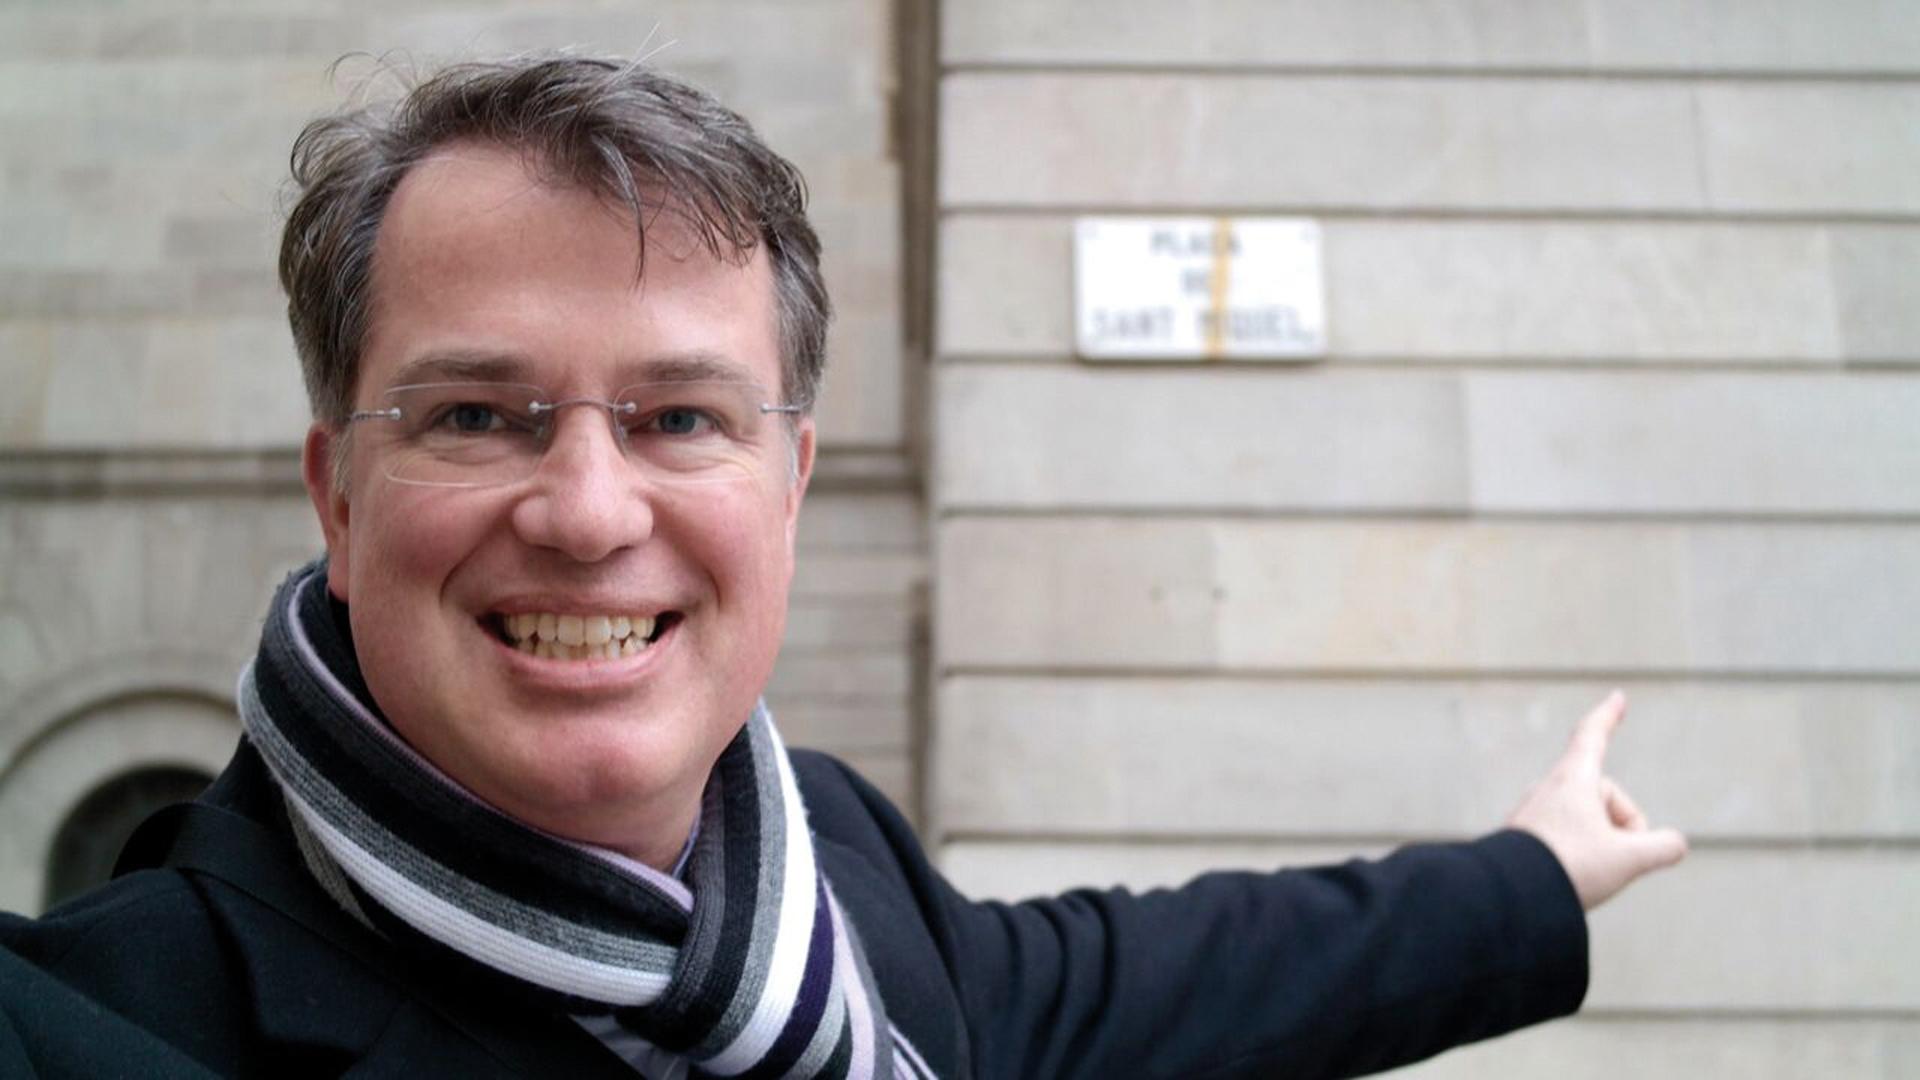 Michael Voß ist Hörfunk-Redakteur aus Halle (Saale) und engagiert sich im Vorstand des Christlichen Medienverbundes KEP, zu dem auch das Christliche Medienmagazin pro gehört. Der Text erschien zuerst als Kommentar im Mitteldeutschen Rundfunk (MDR).